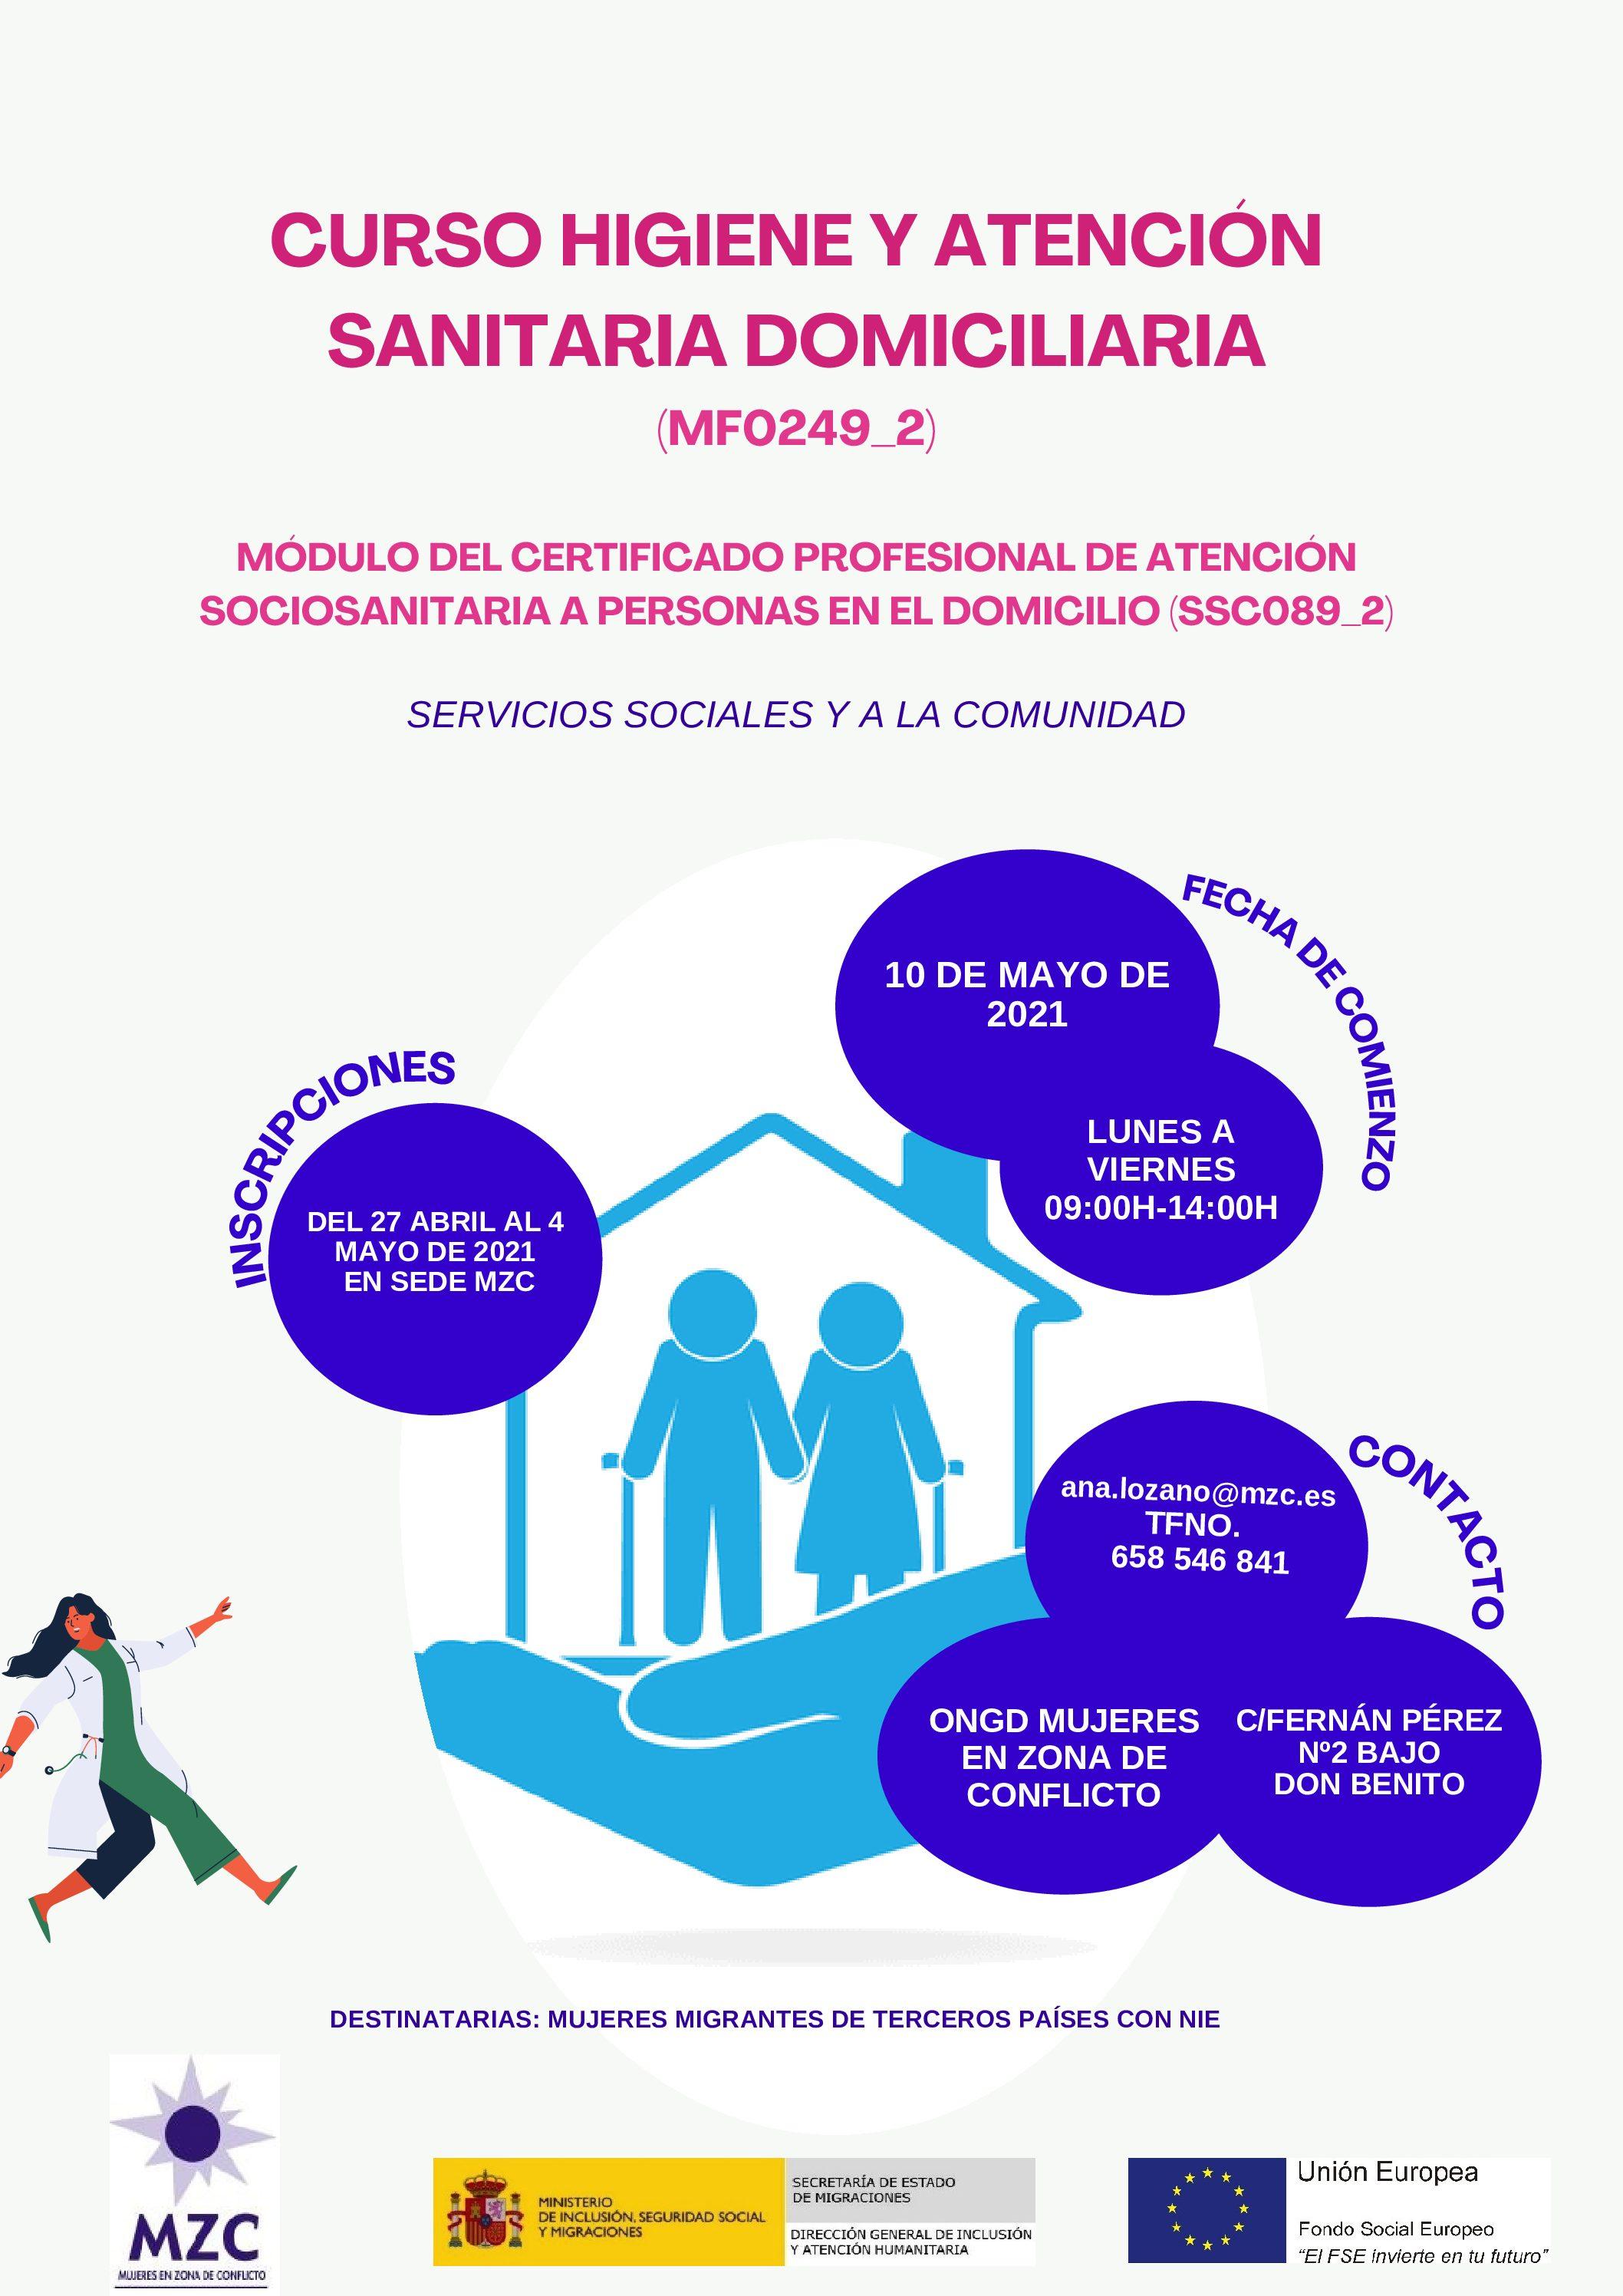 CURSO HIGIENE Y ATENCIÓN SANITARIA DOMICILIARIA_MZC